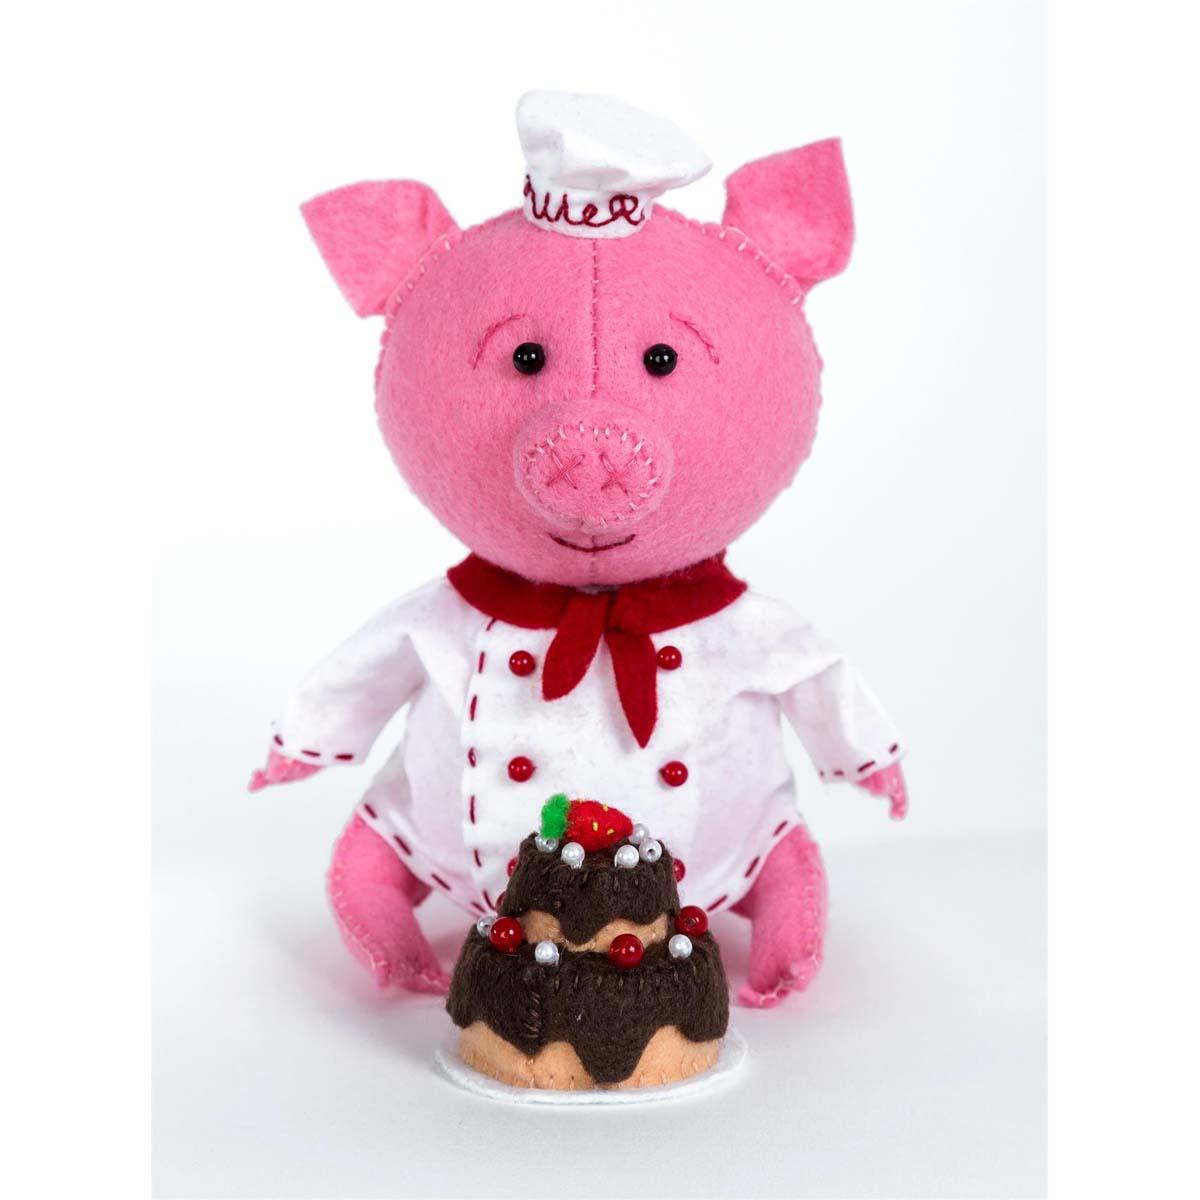 ПФЗД-1011 Набор для создания игрушки из фетра серия Забавные друзья 'Поросёнок Пекарь'